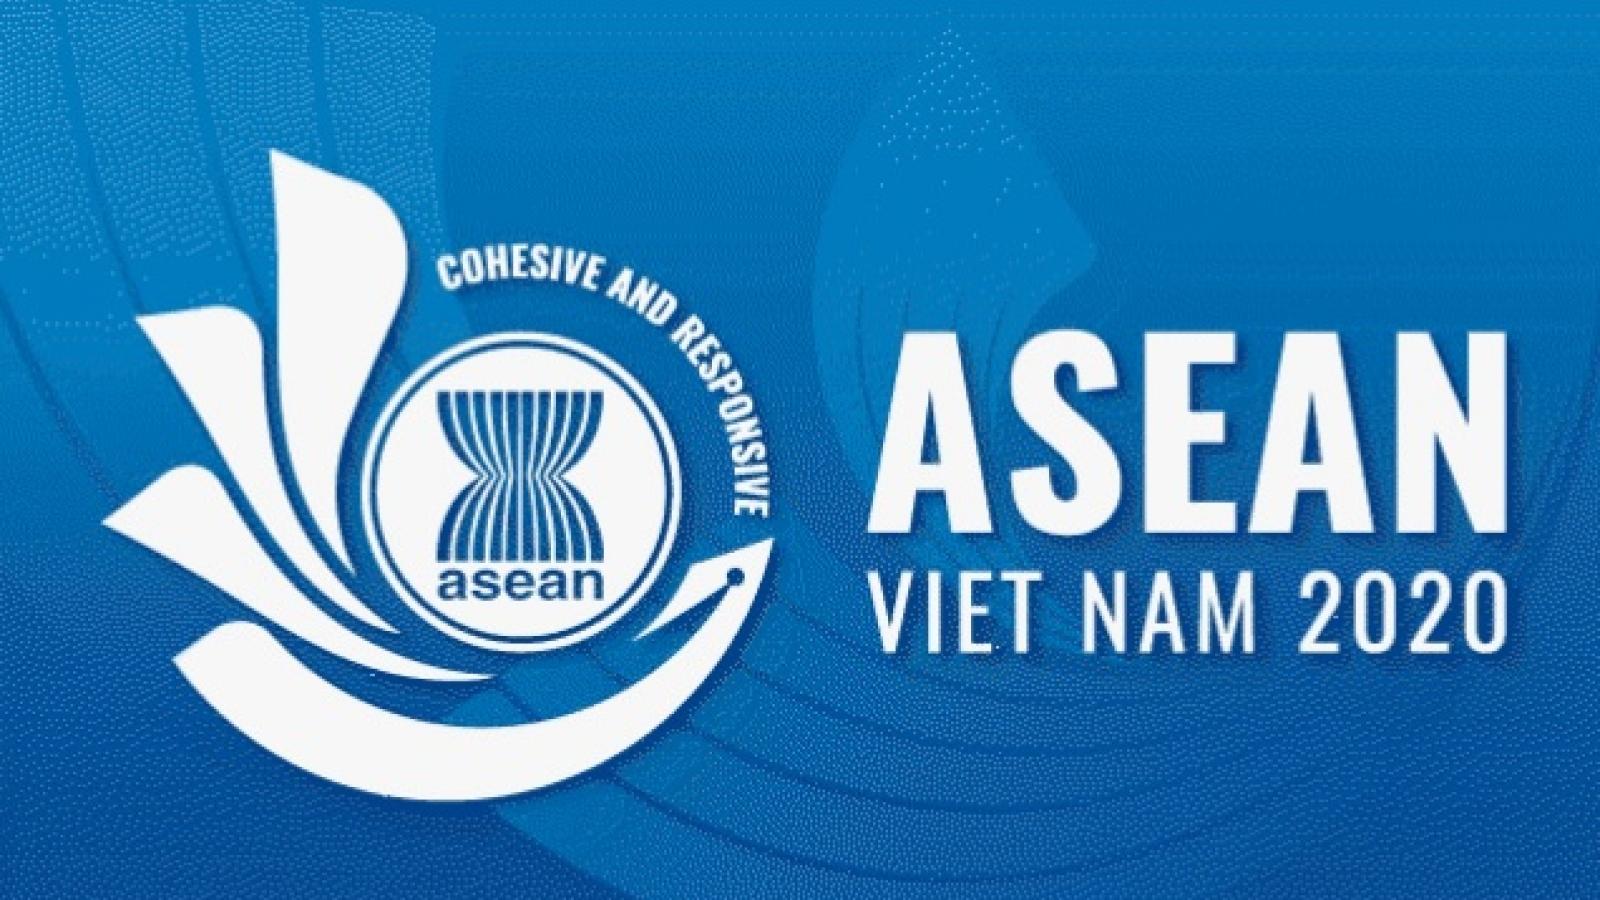 ASEAN chung tay vượt qua khó khăn đạt được nhiều kết quả quan trọng